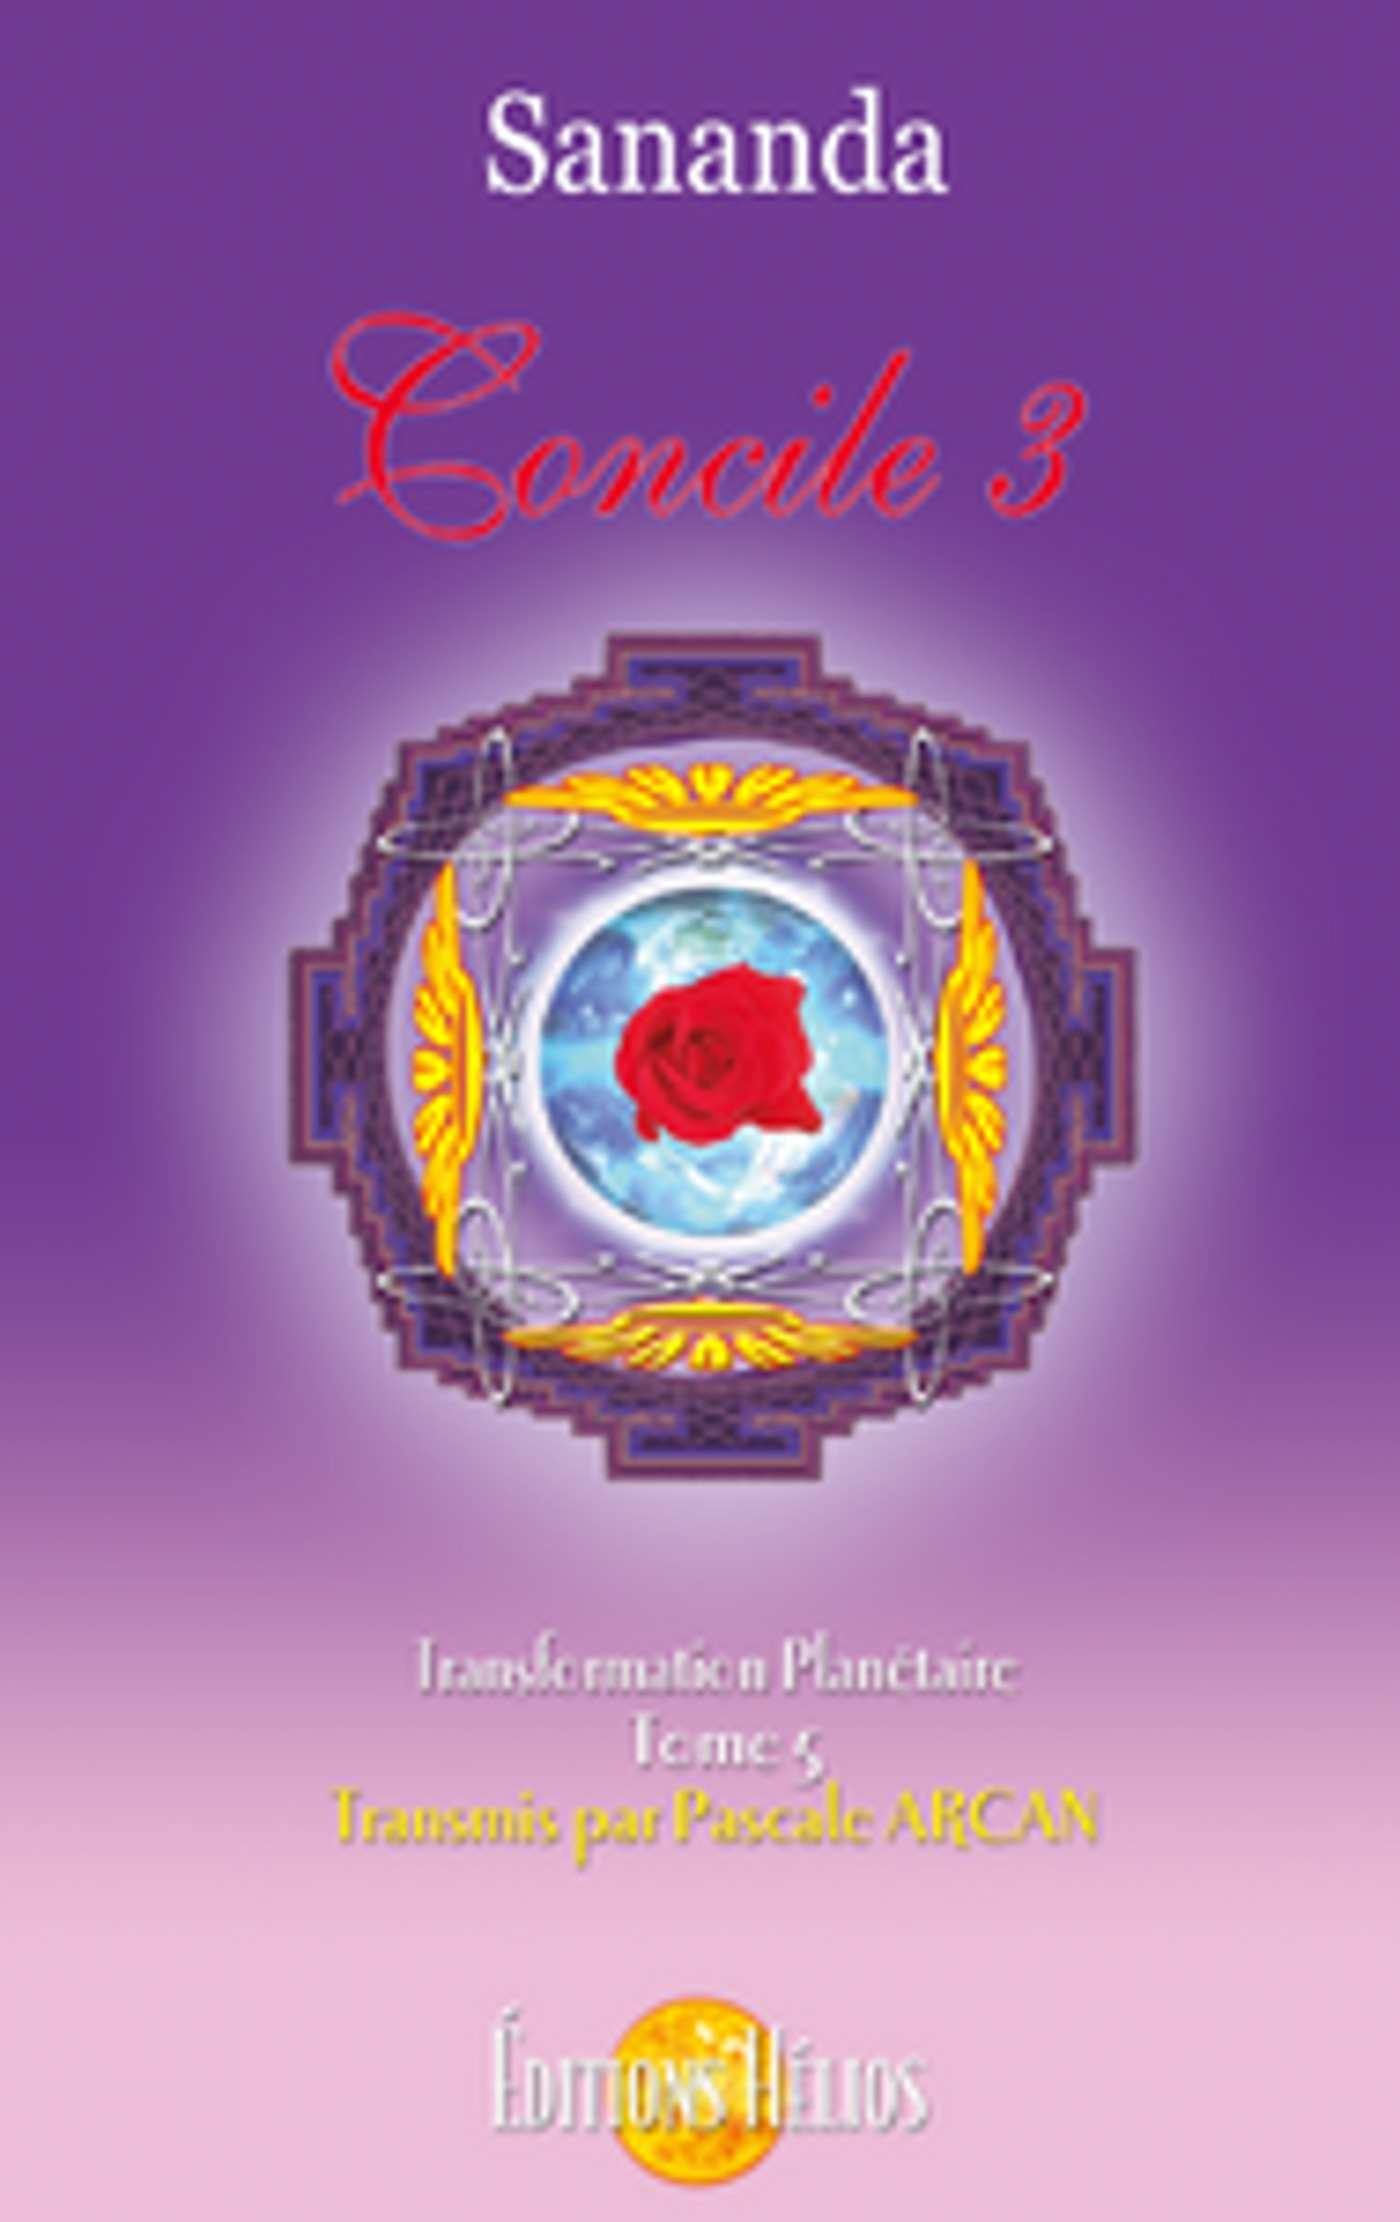 Concile 3 - Transformation planétaire Tome 5